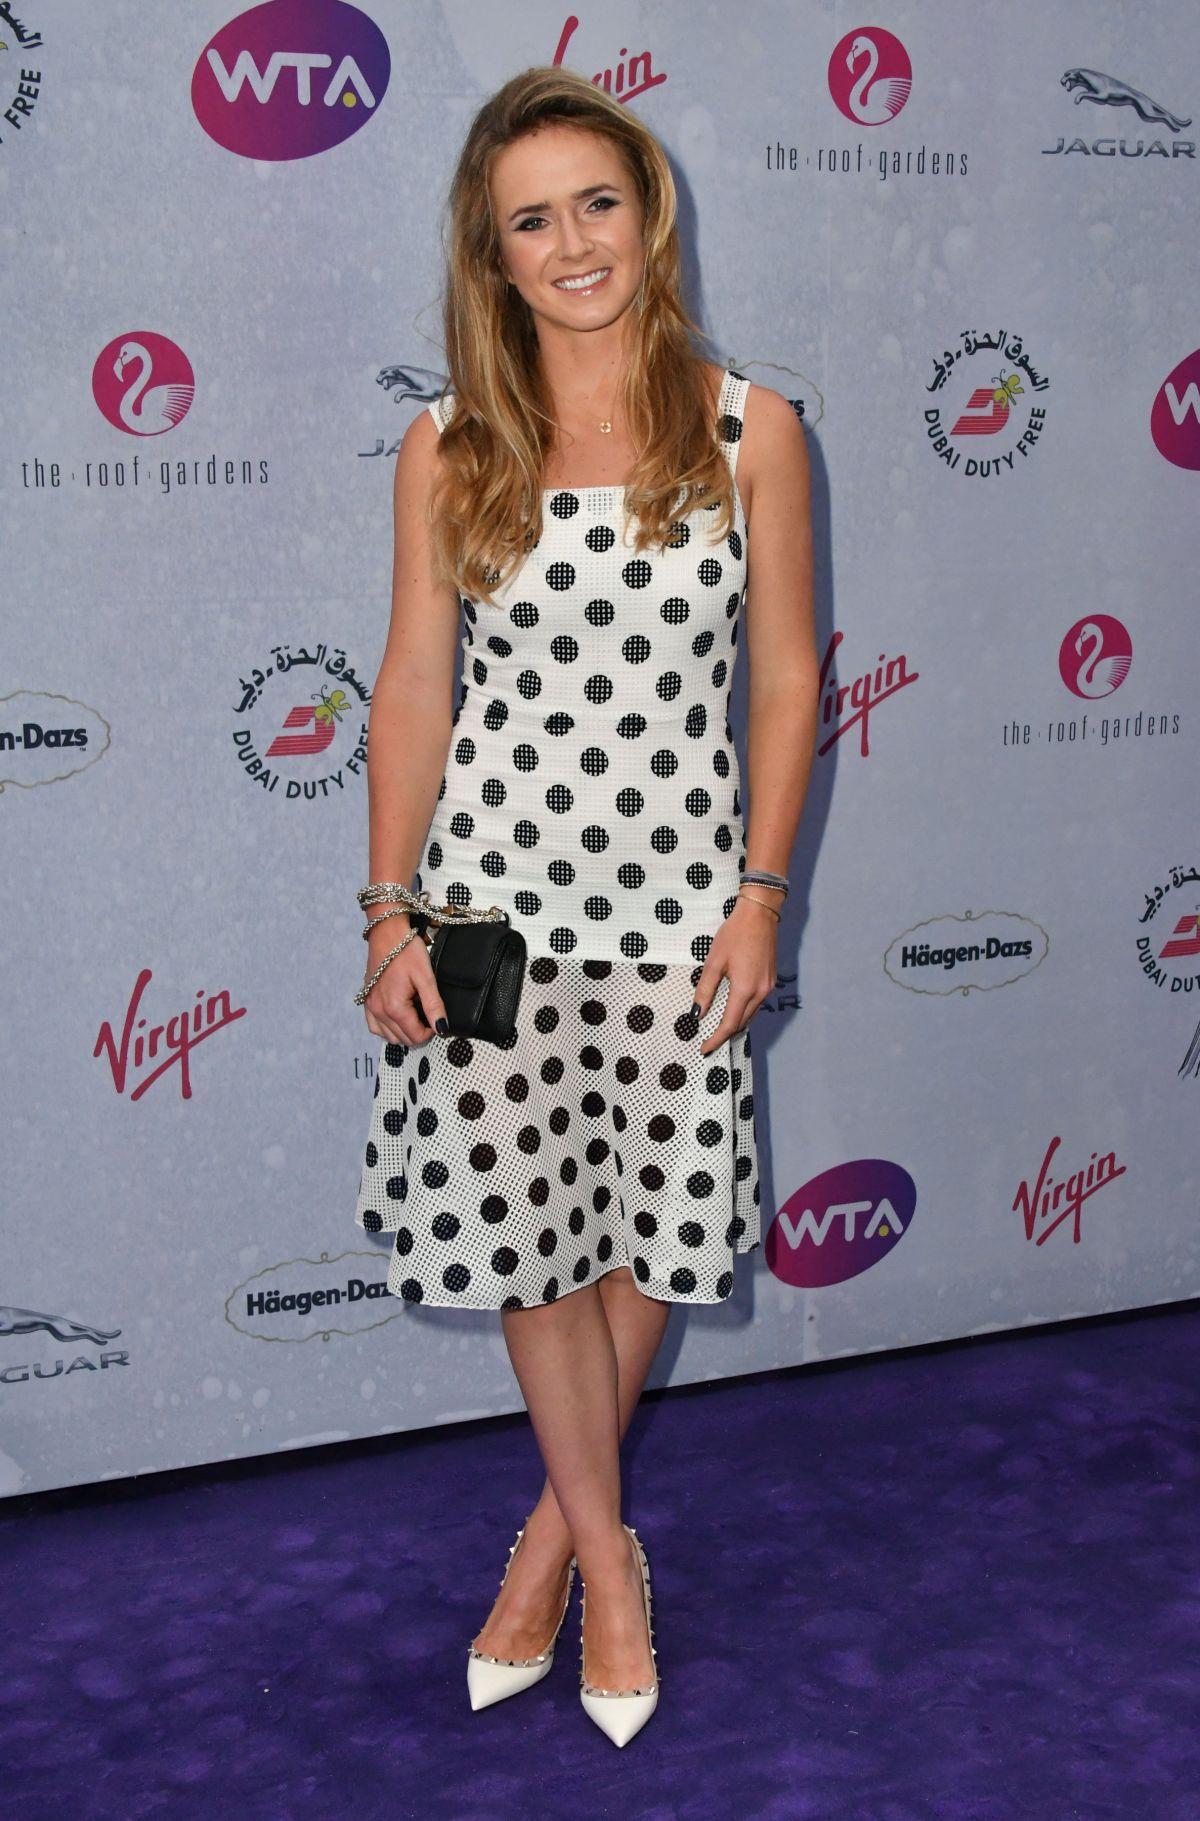 ELINA SVITOLINA at WTA Pre-Wimbledon Party in London 06/23 ...